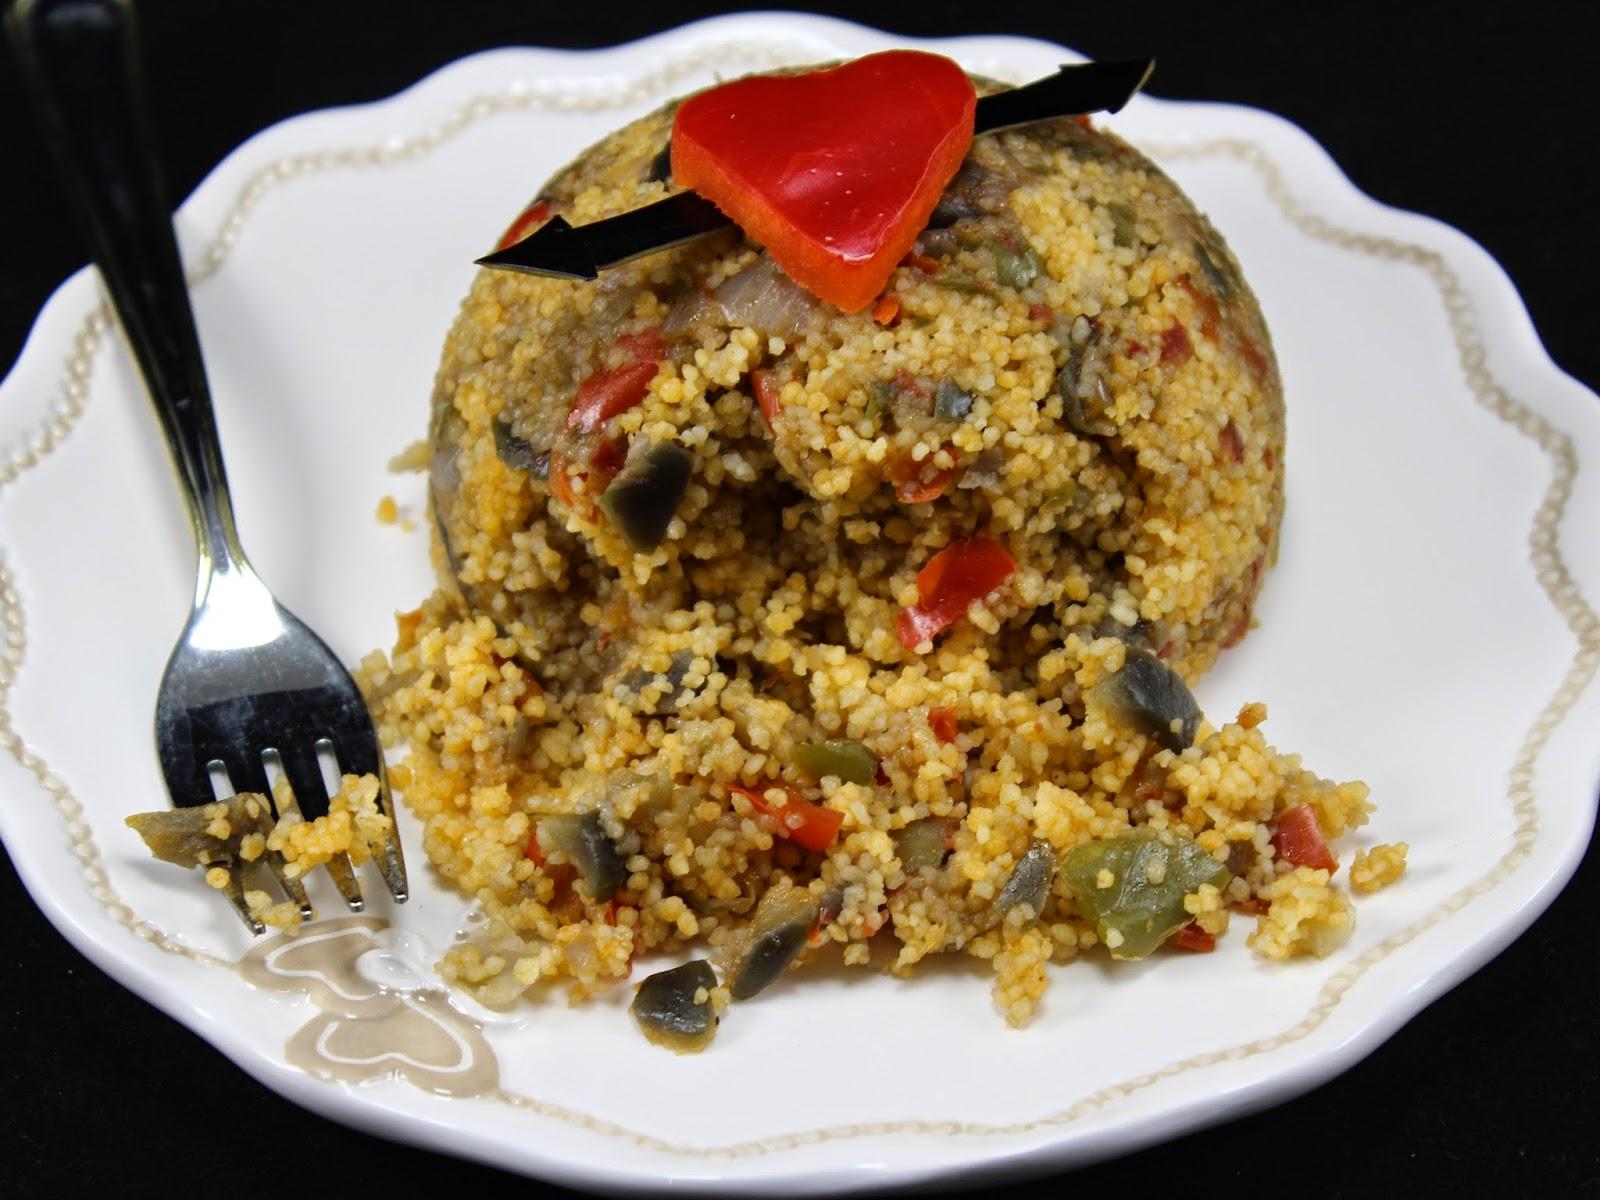 Cus cus de pisto Ana Sevilla cocina tradicional